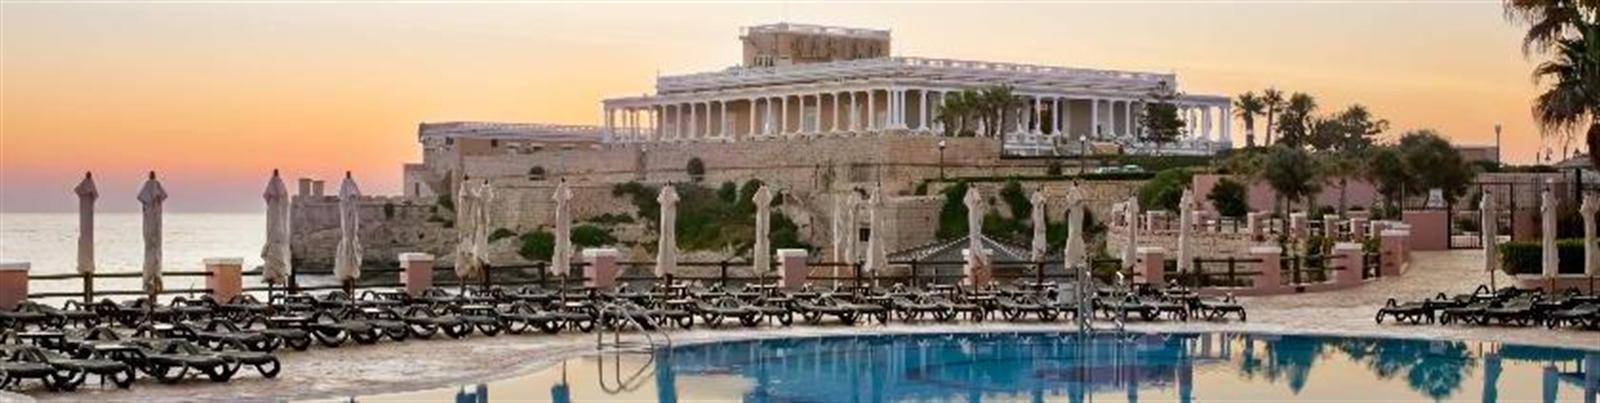 Luxury Holiday in Malta